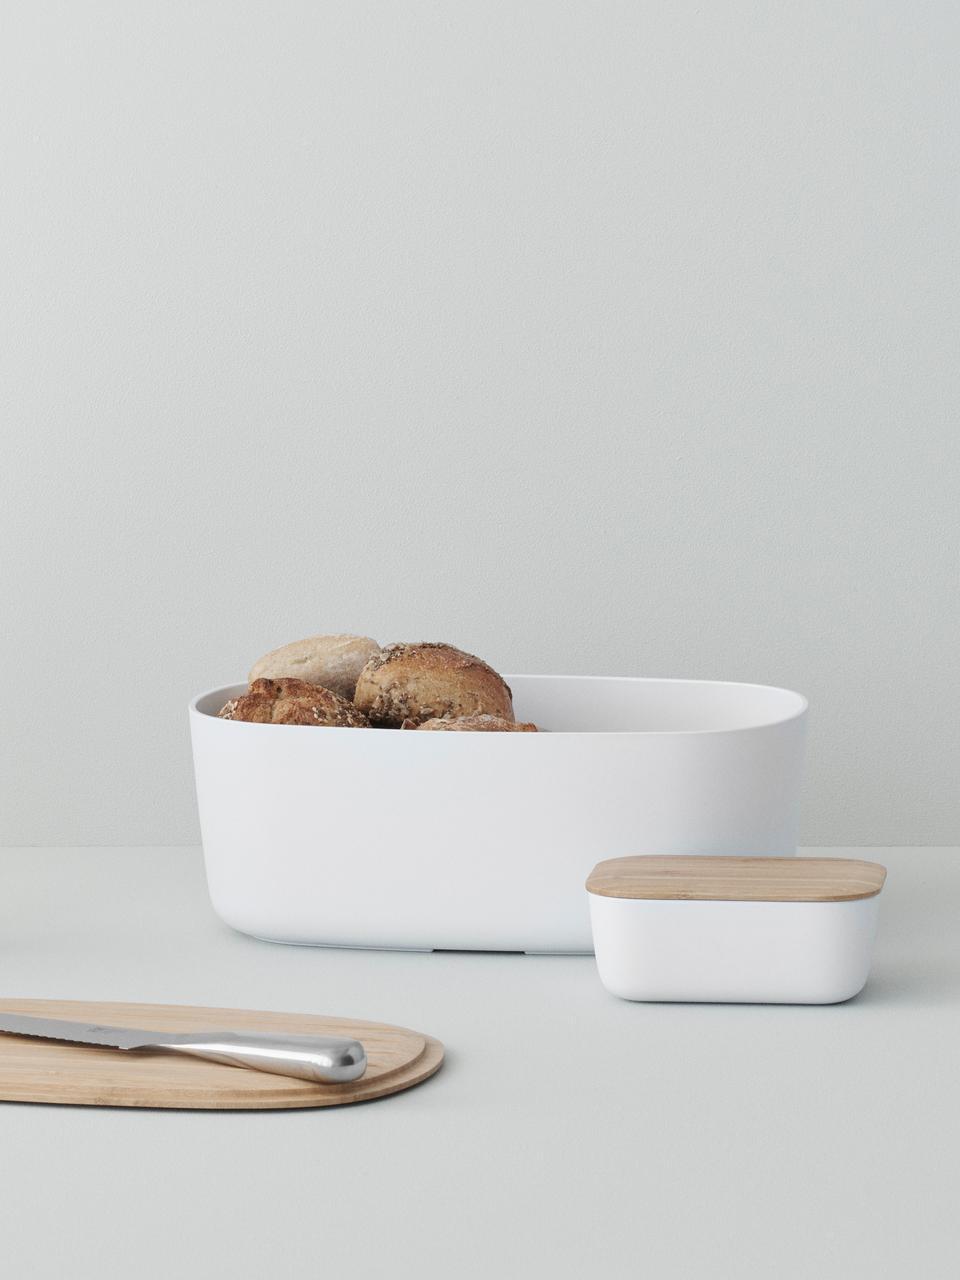 Boîte à pain design avec couvercle en bambouBox-It, Boîte: blanc Couvercle: brun